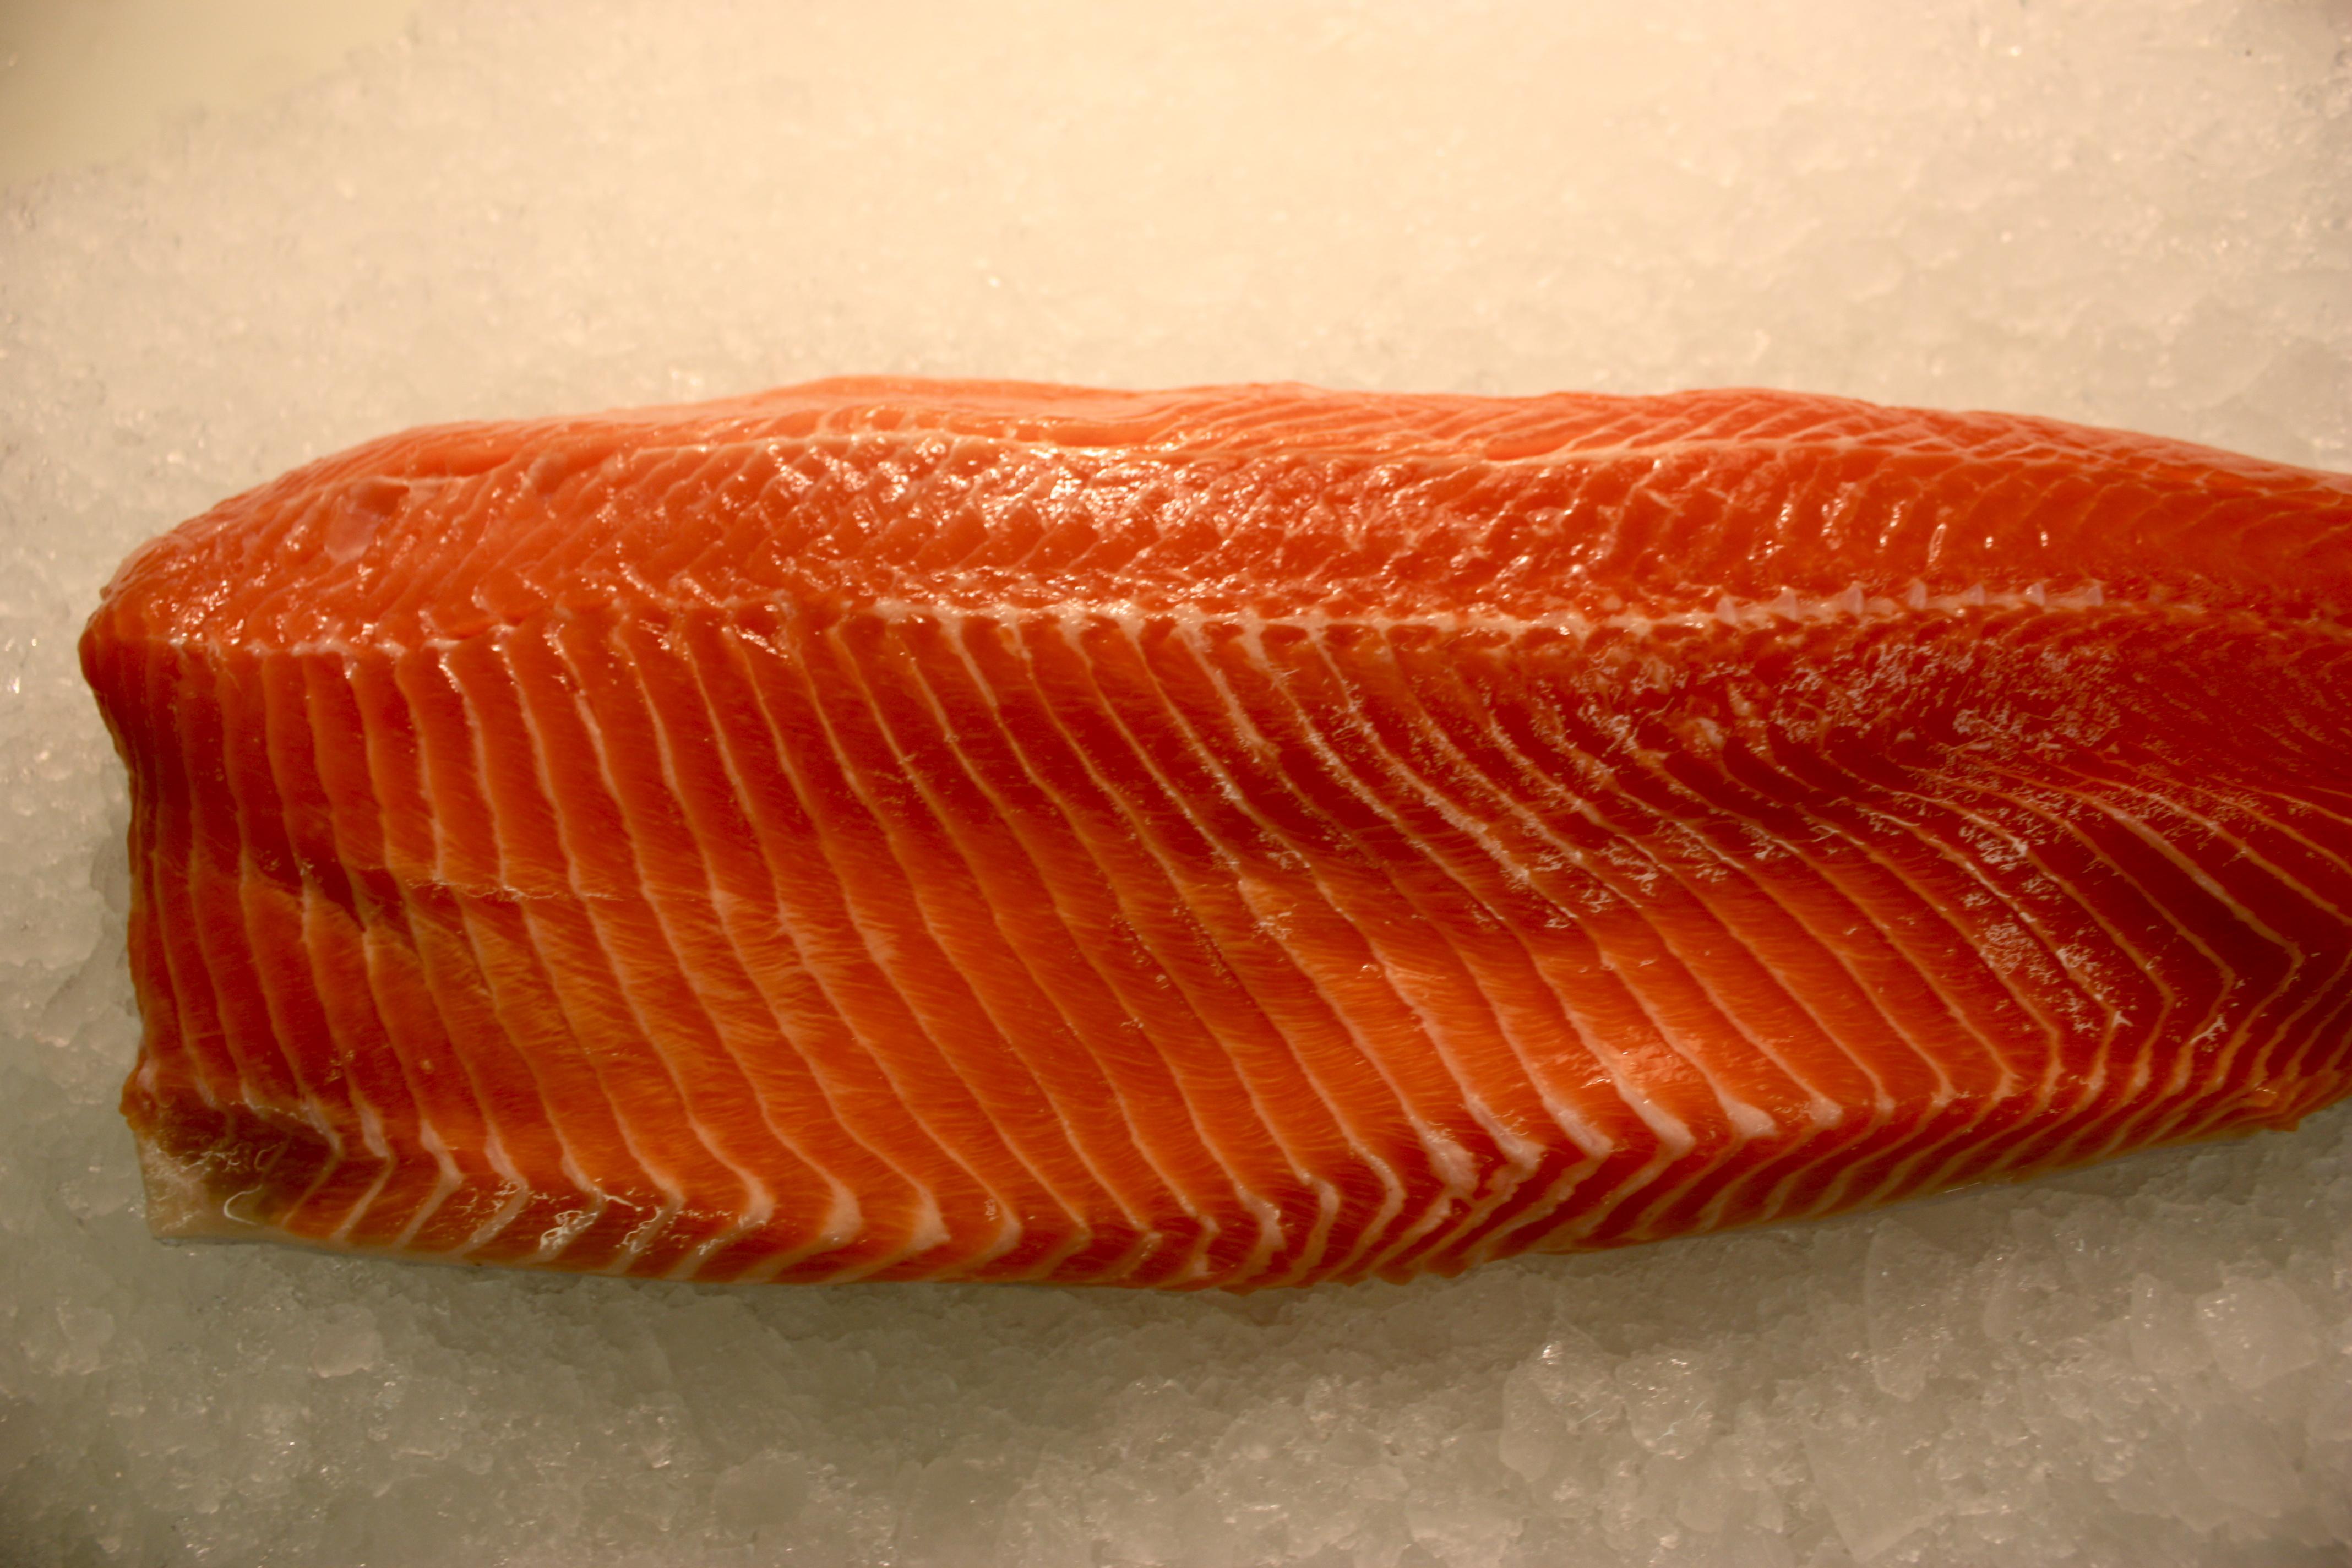 Steelhead trout fillet